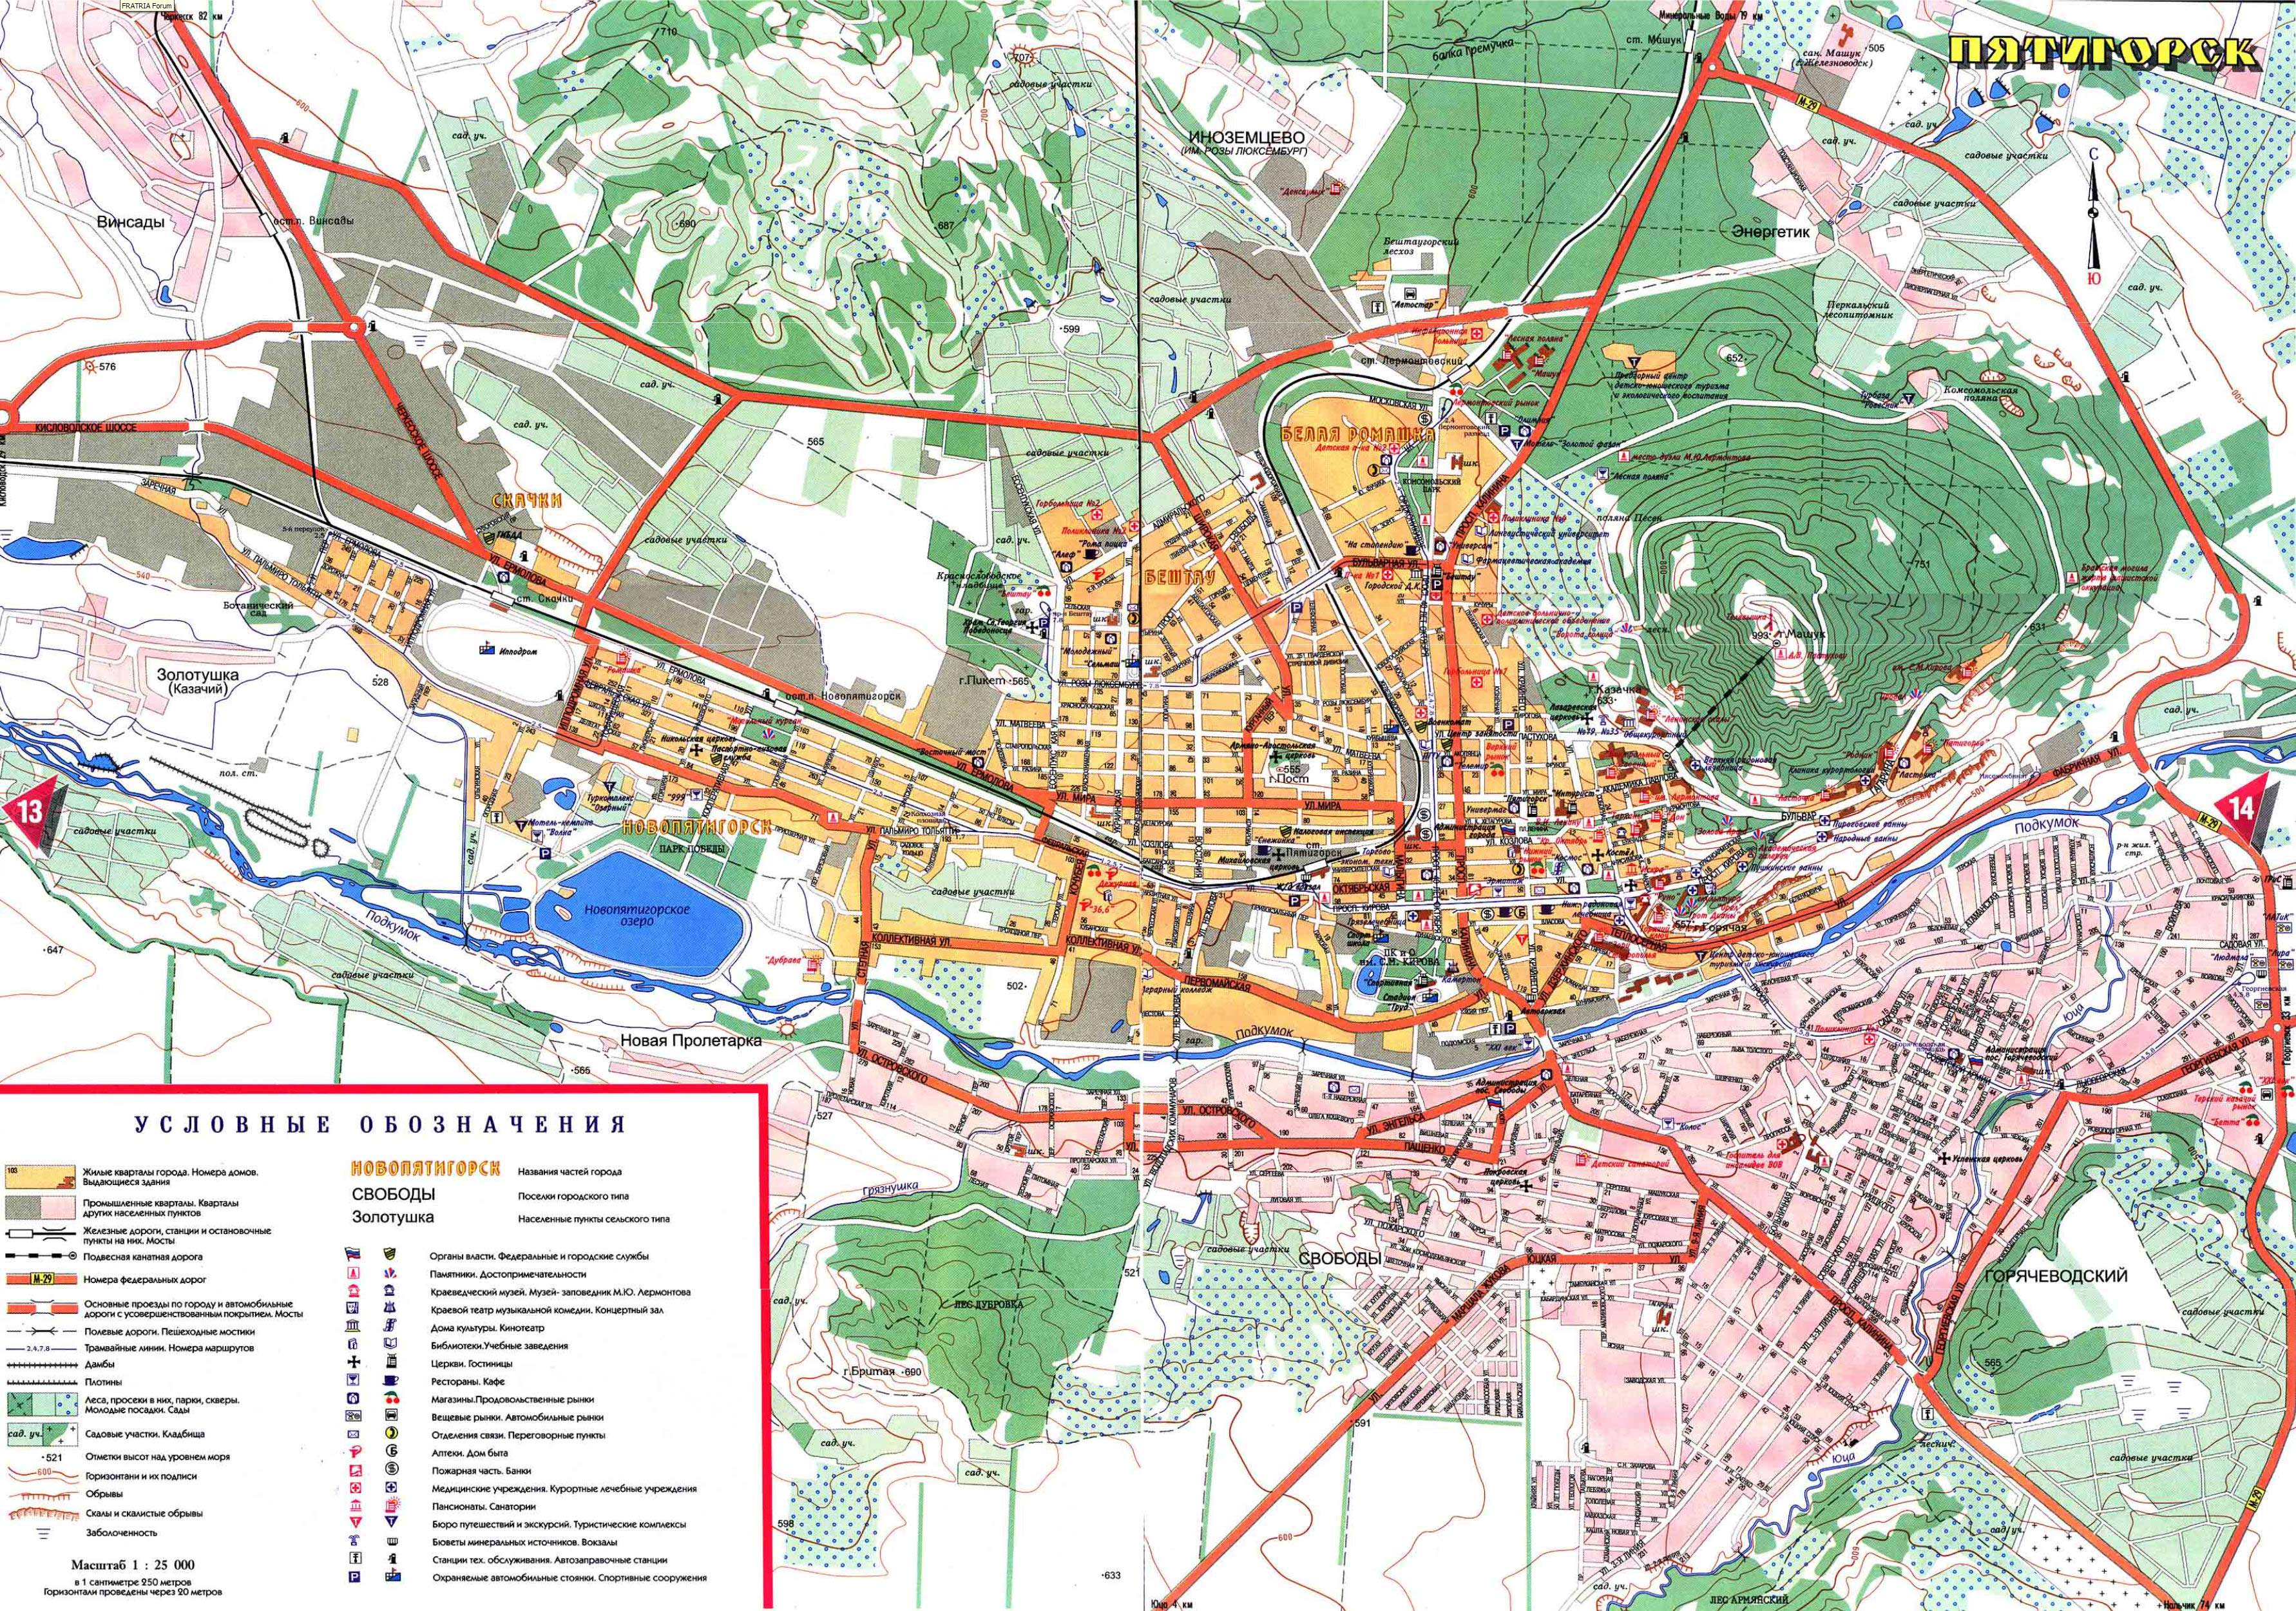 Карта Пятигорска с обозначением завода.